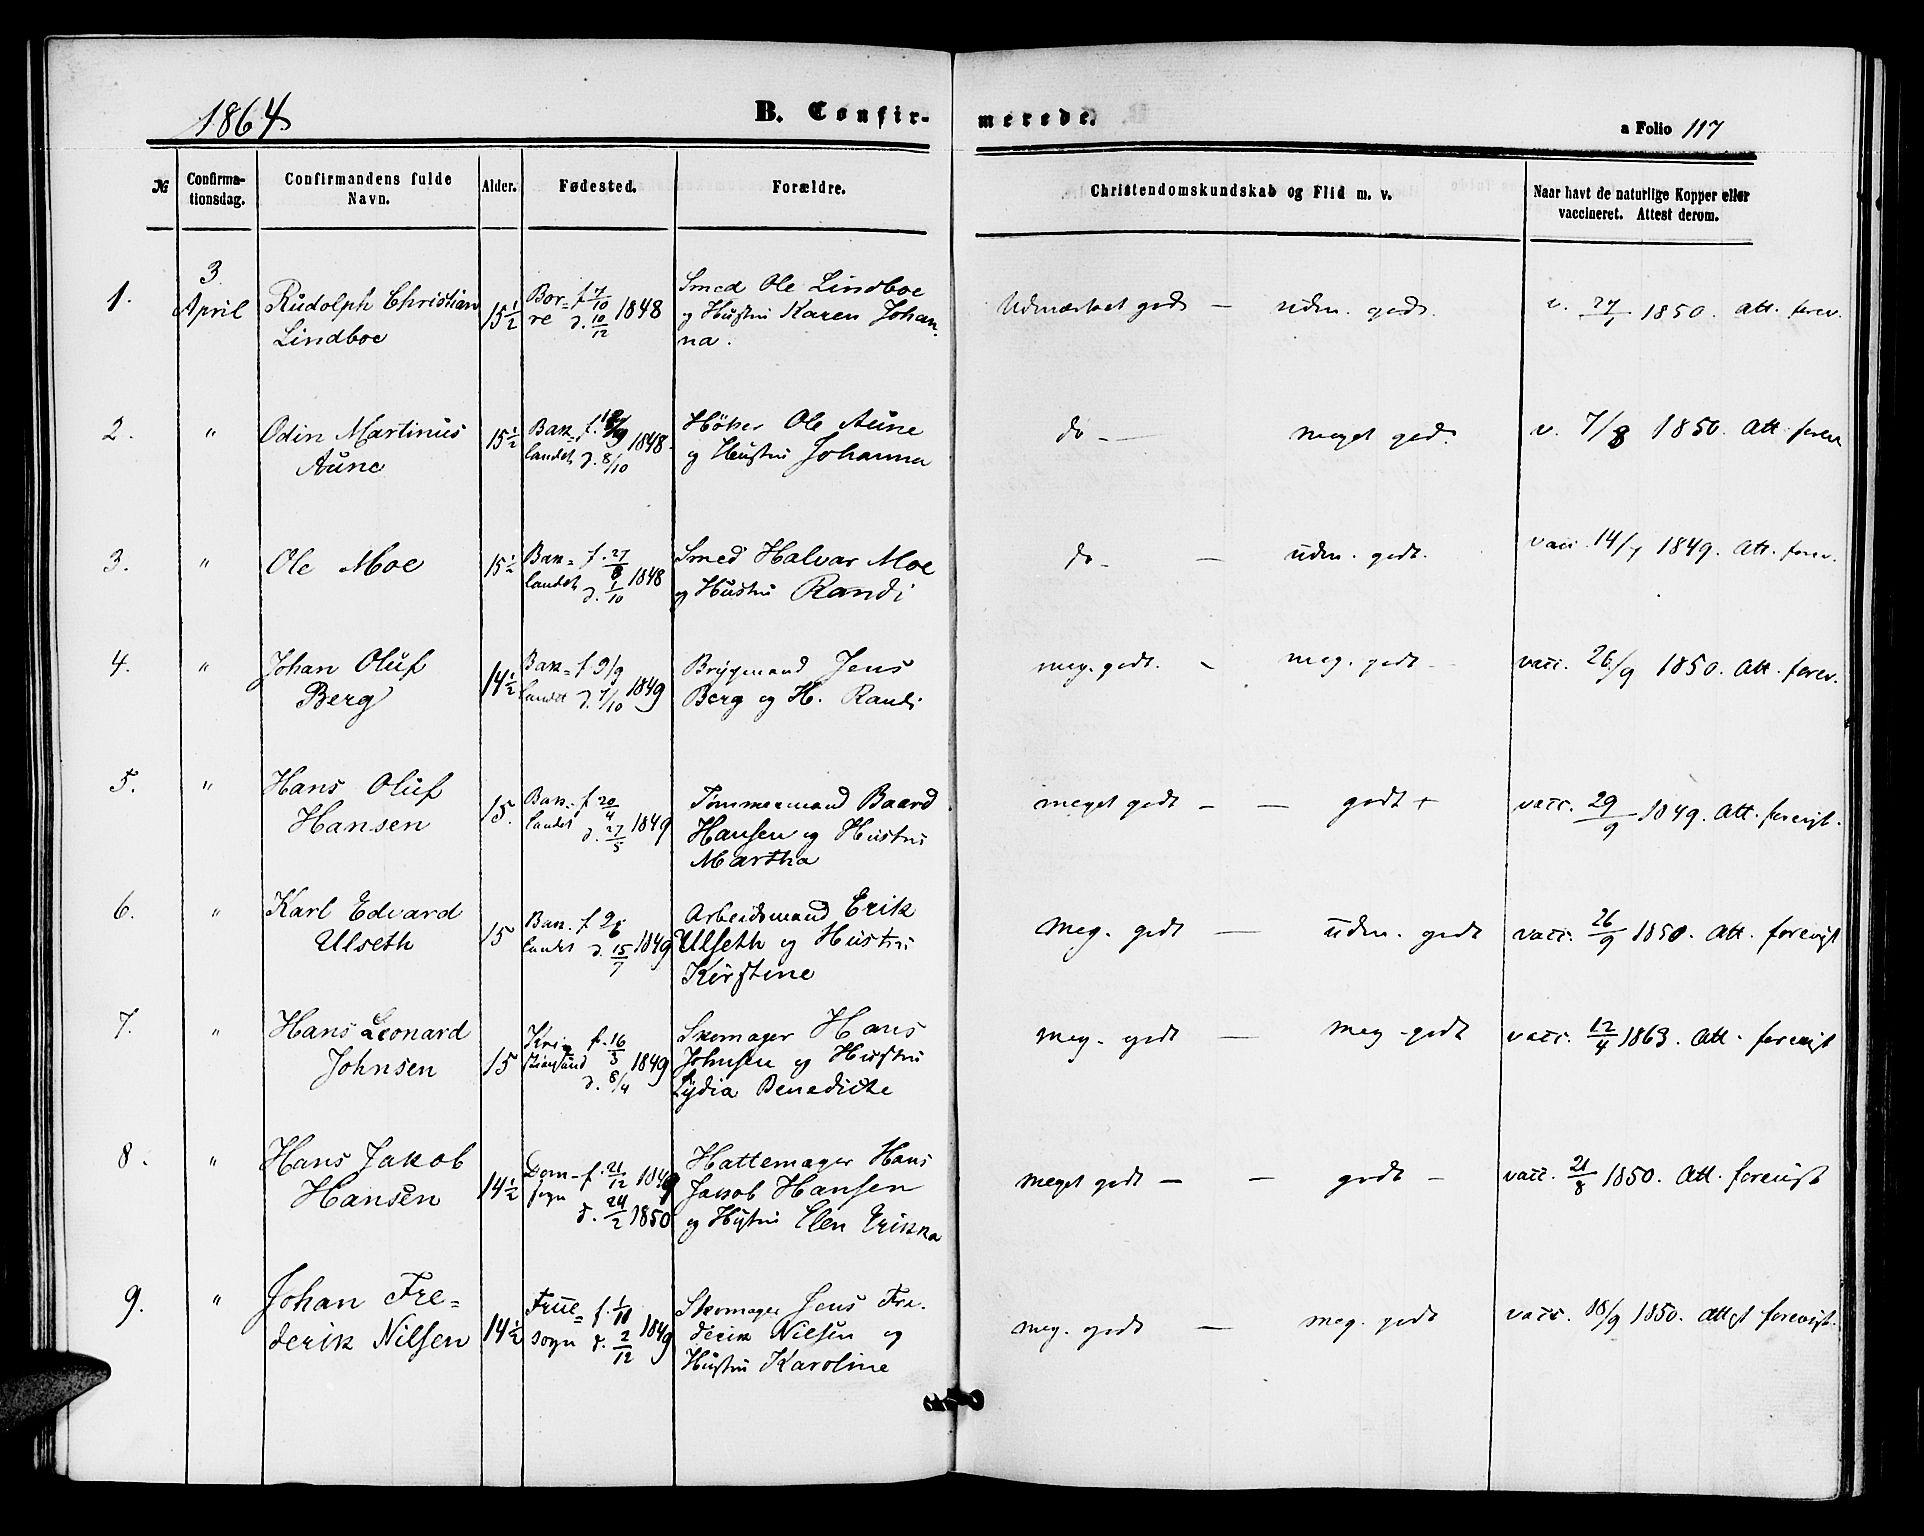 SAT, Ministerialprotokoller, klokkerbøker og fødselsregistre - Sør-Trøndelag, 604/L0185: Ministerialbok nr. 604A06, 1861-1865, s. 117